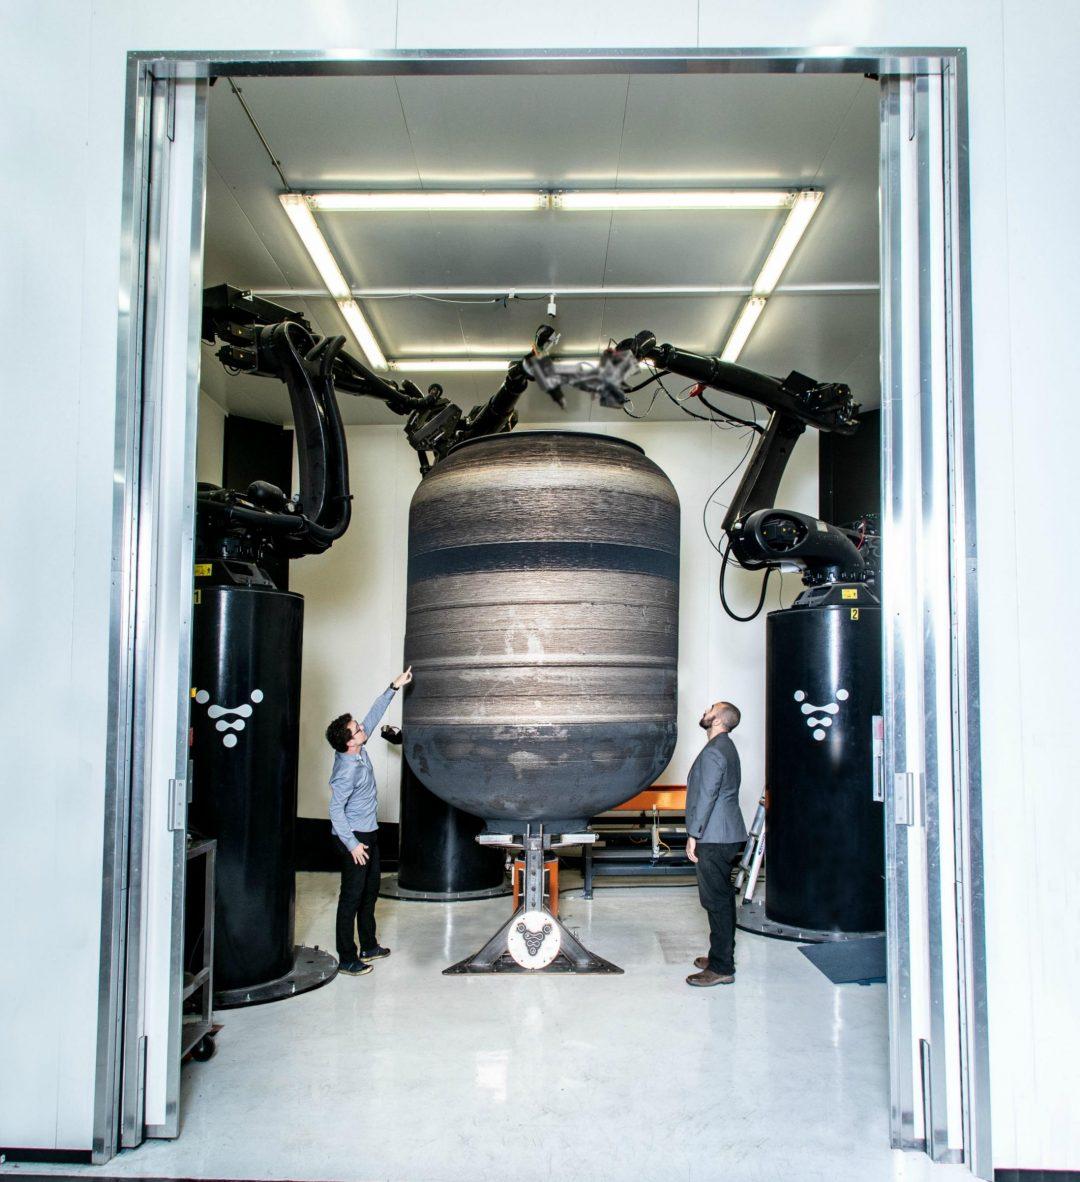 リラティビティ・スペースが高さ3.35メートルのロケット用燃料タンクを3Dプリンターで製造